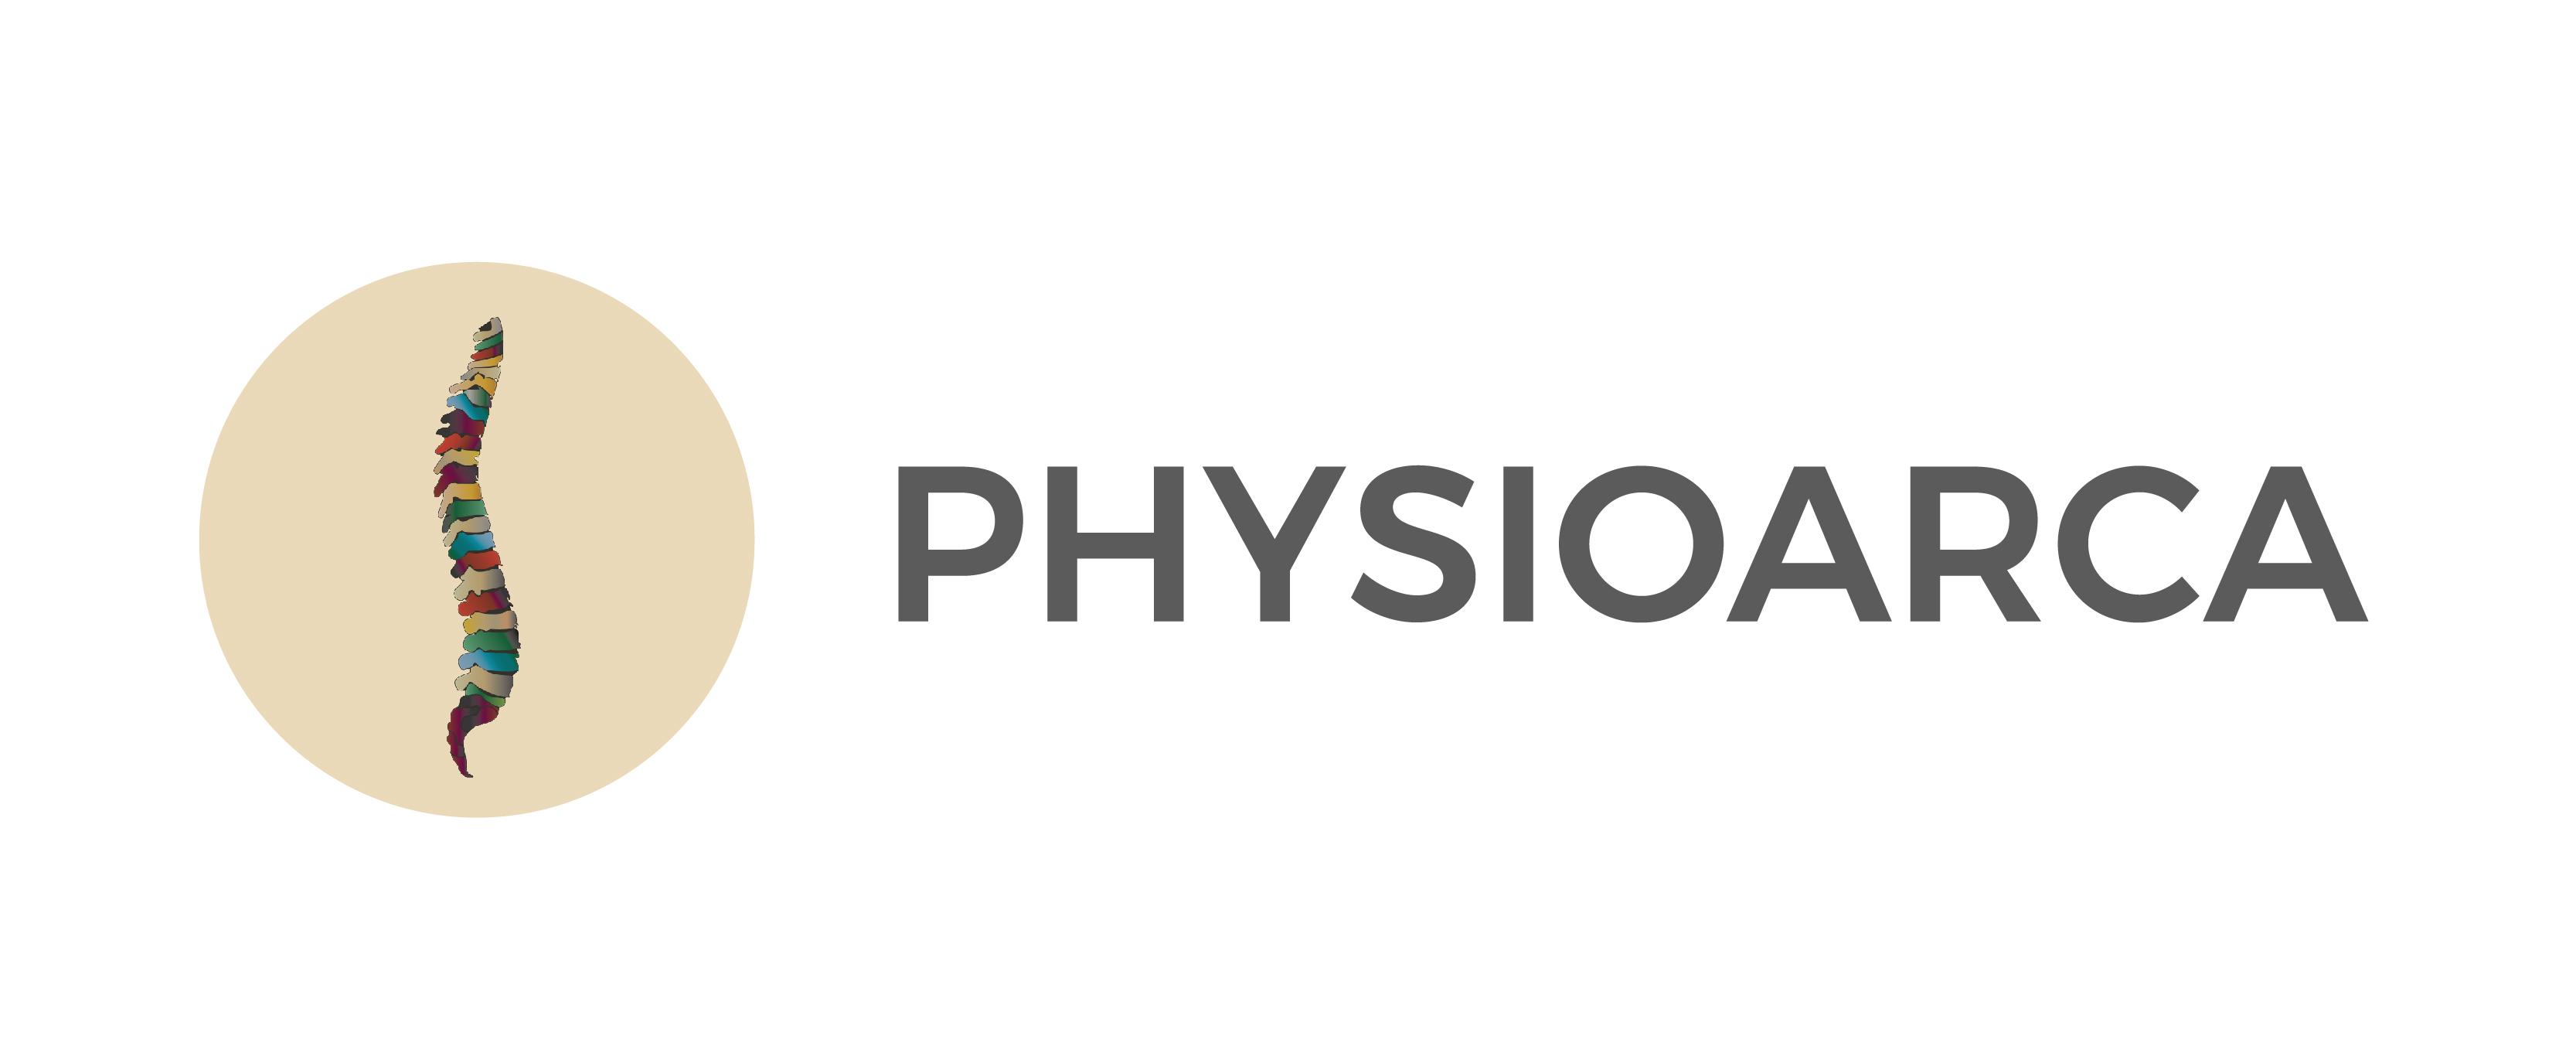 PhysioArca